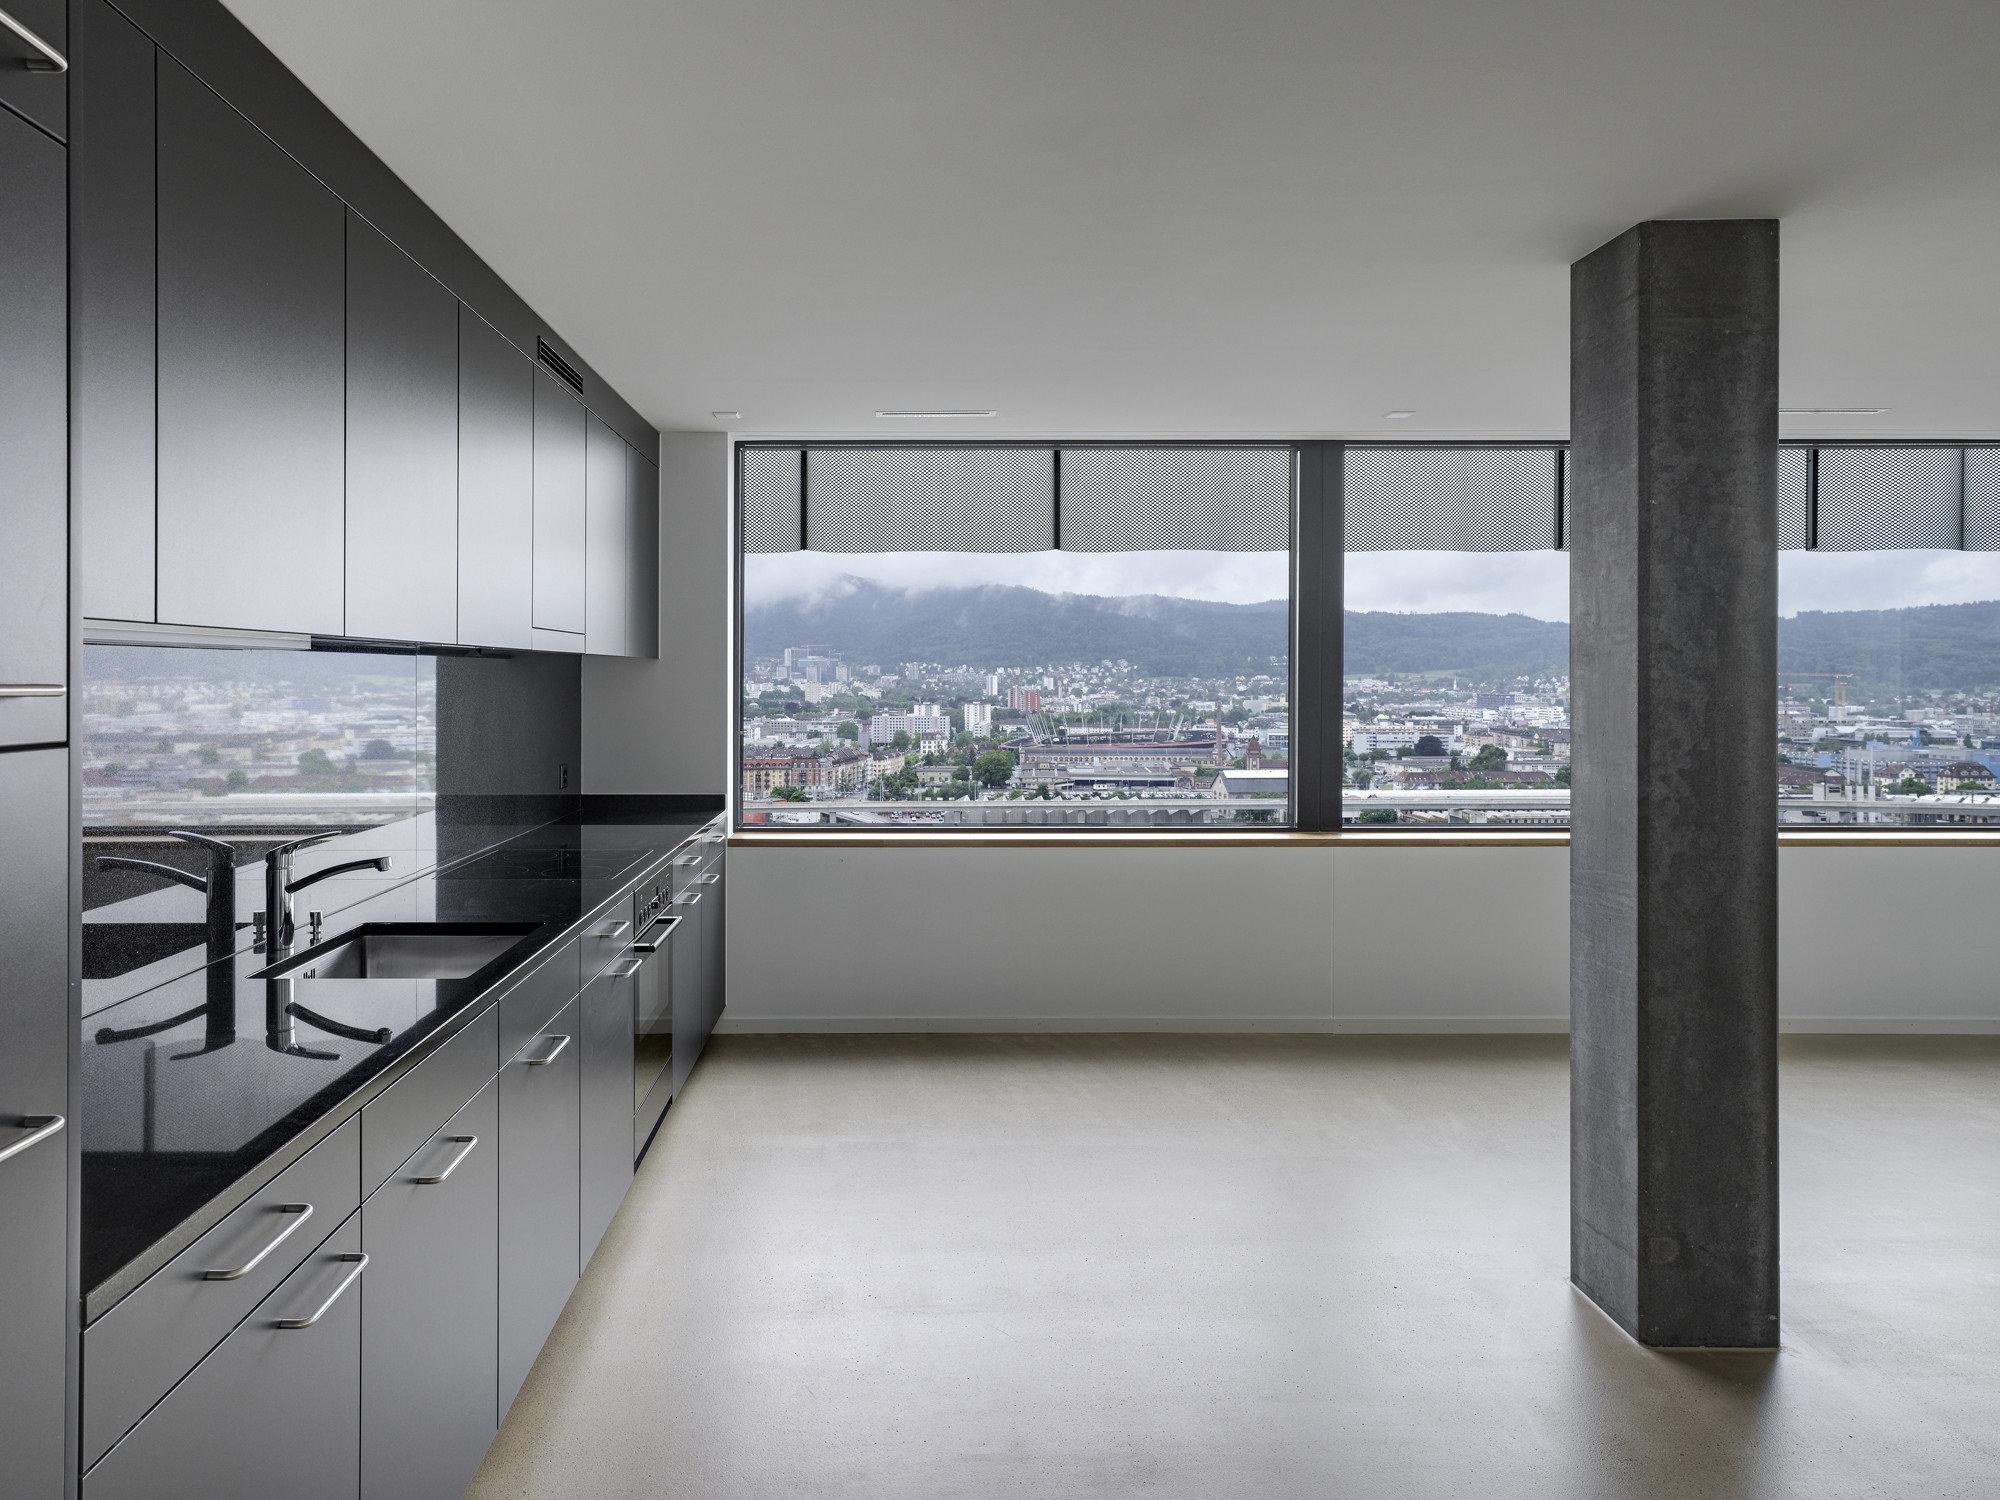 Gunkle moderne Einbauküche links mit grossen lichtspendenden Fensterelementen, links schwarze Säule